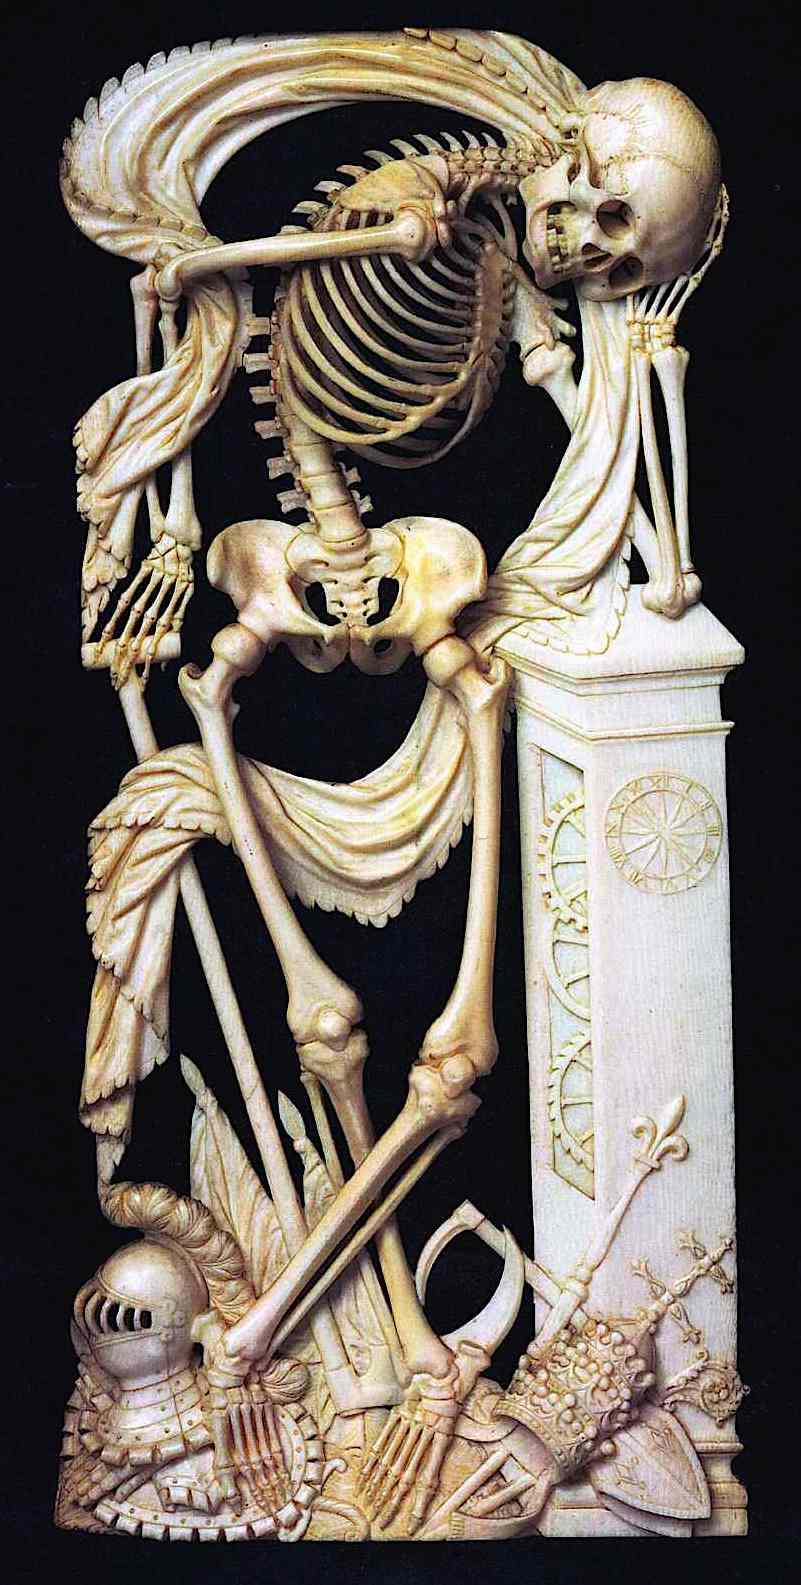 skeleton art pre-1800, carved ivory